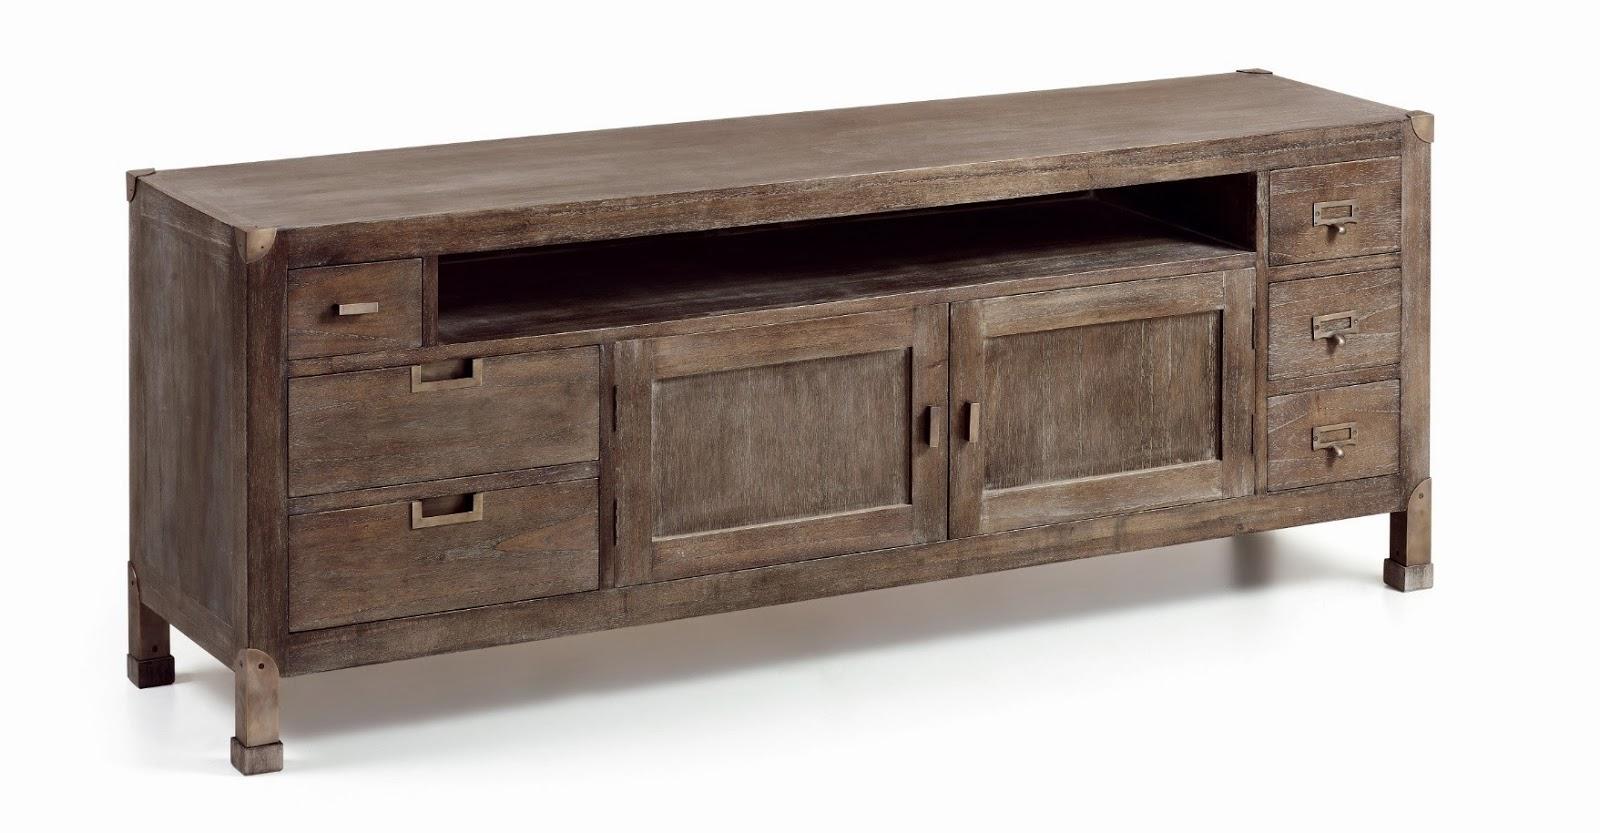 Blog de mbar muebles el estilo industrial for Muebles de estilo industrial barato